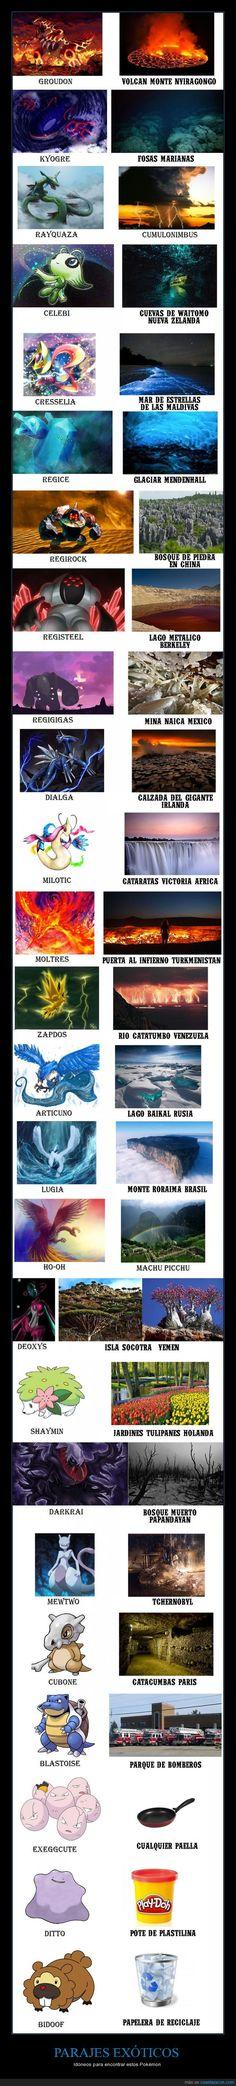 25 lugares de la Tierra apropiados para Pokémon legendarios - Idóneos para encontrar estos Pokémon   Gracias a http://www.cuantarazon.com/   Si quieres leer la noticia completa visita: http://www.estoy-aburrido.com/25-lugares-de-la-tierra-apropiados-para-pokemon-legendarios-idoneos-para-encontrar-estos-pokemon/